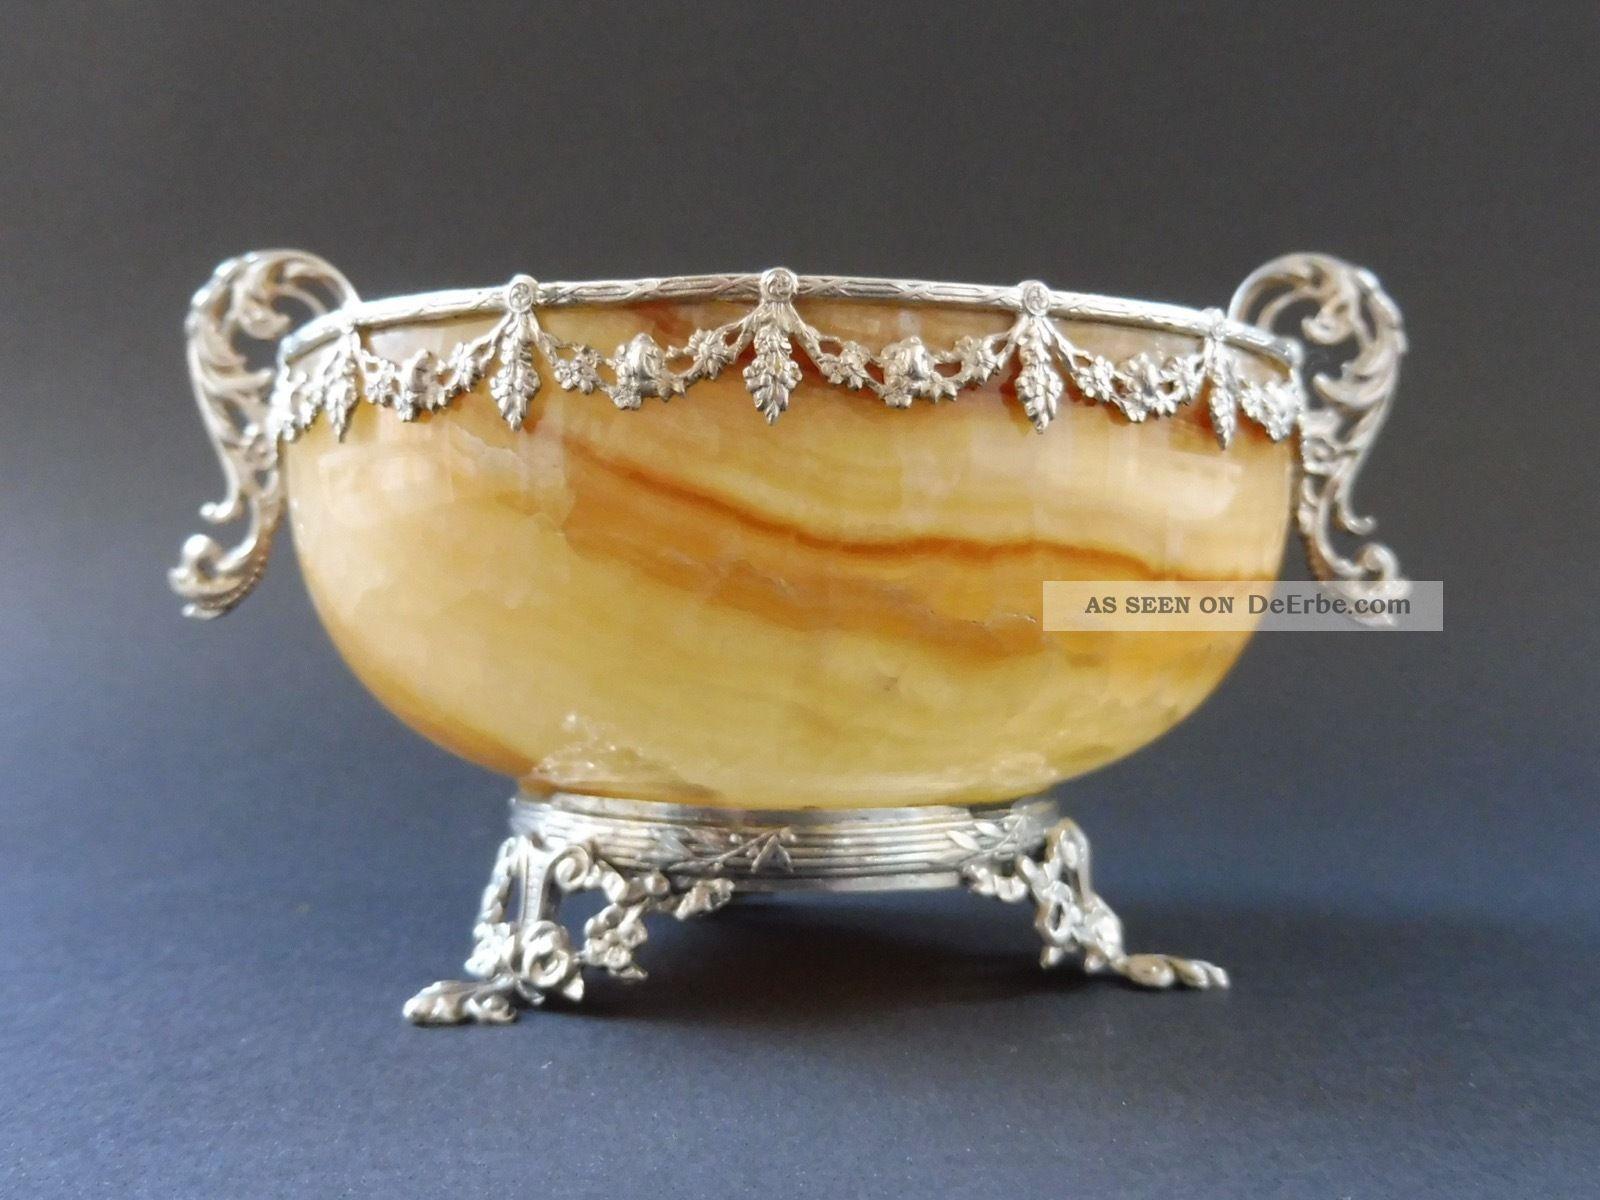 800 Silber Montierte Jugendstil Onyx Schale Jardiniere Art Nouveau Floral Antik 1890-1919, Jugendstil Bild